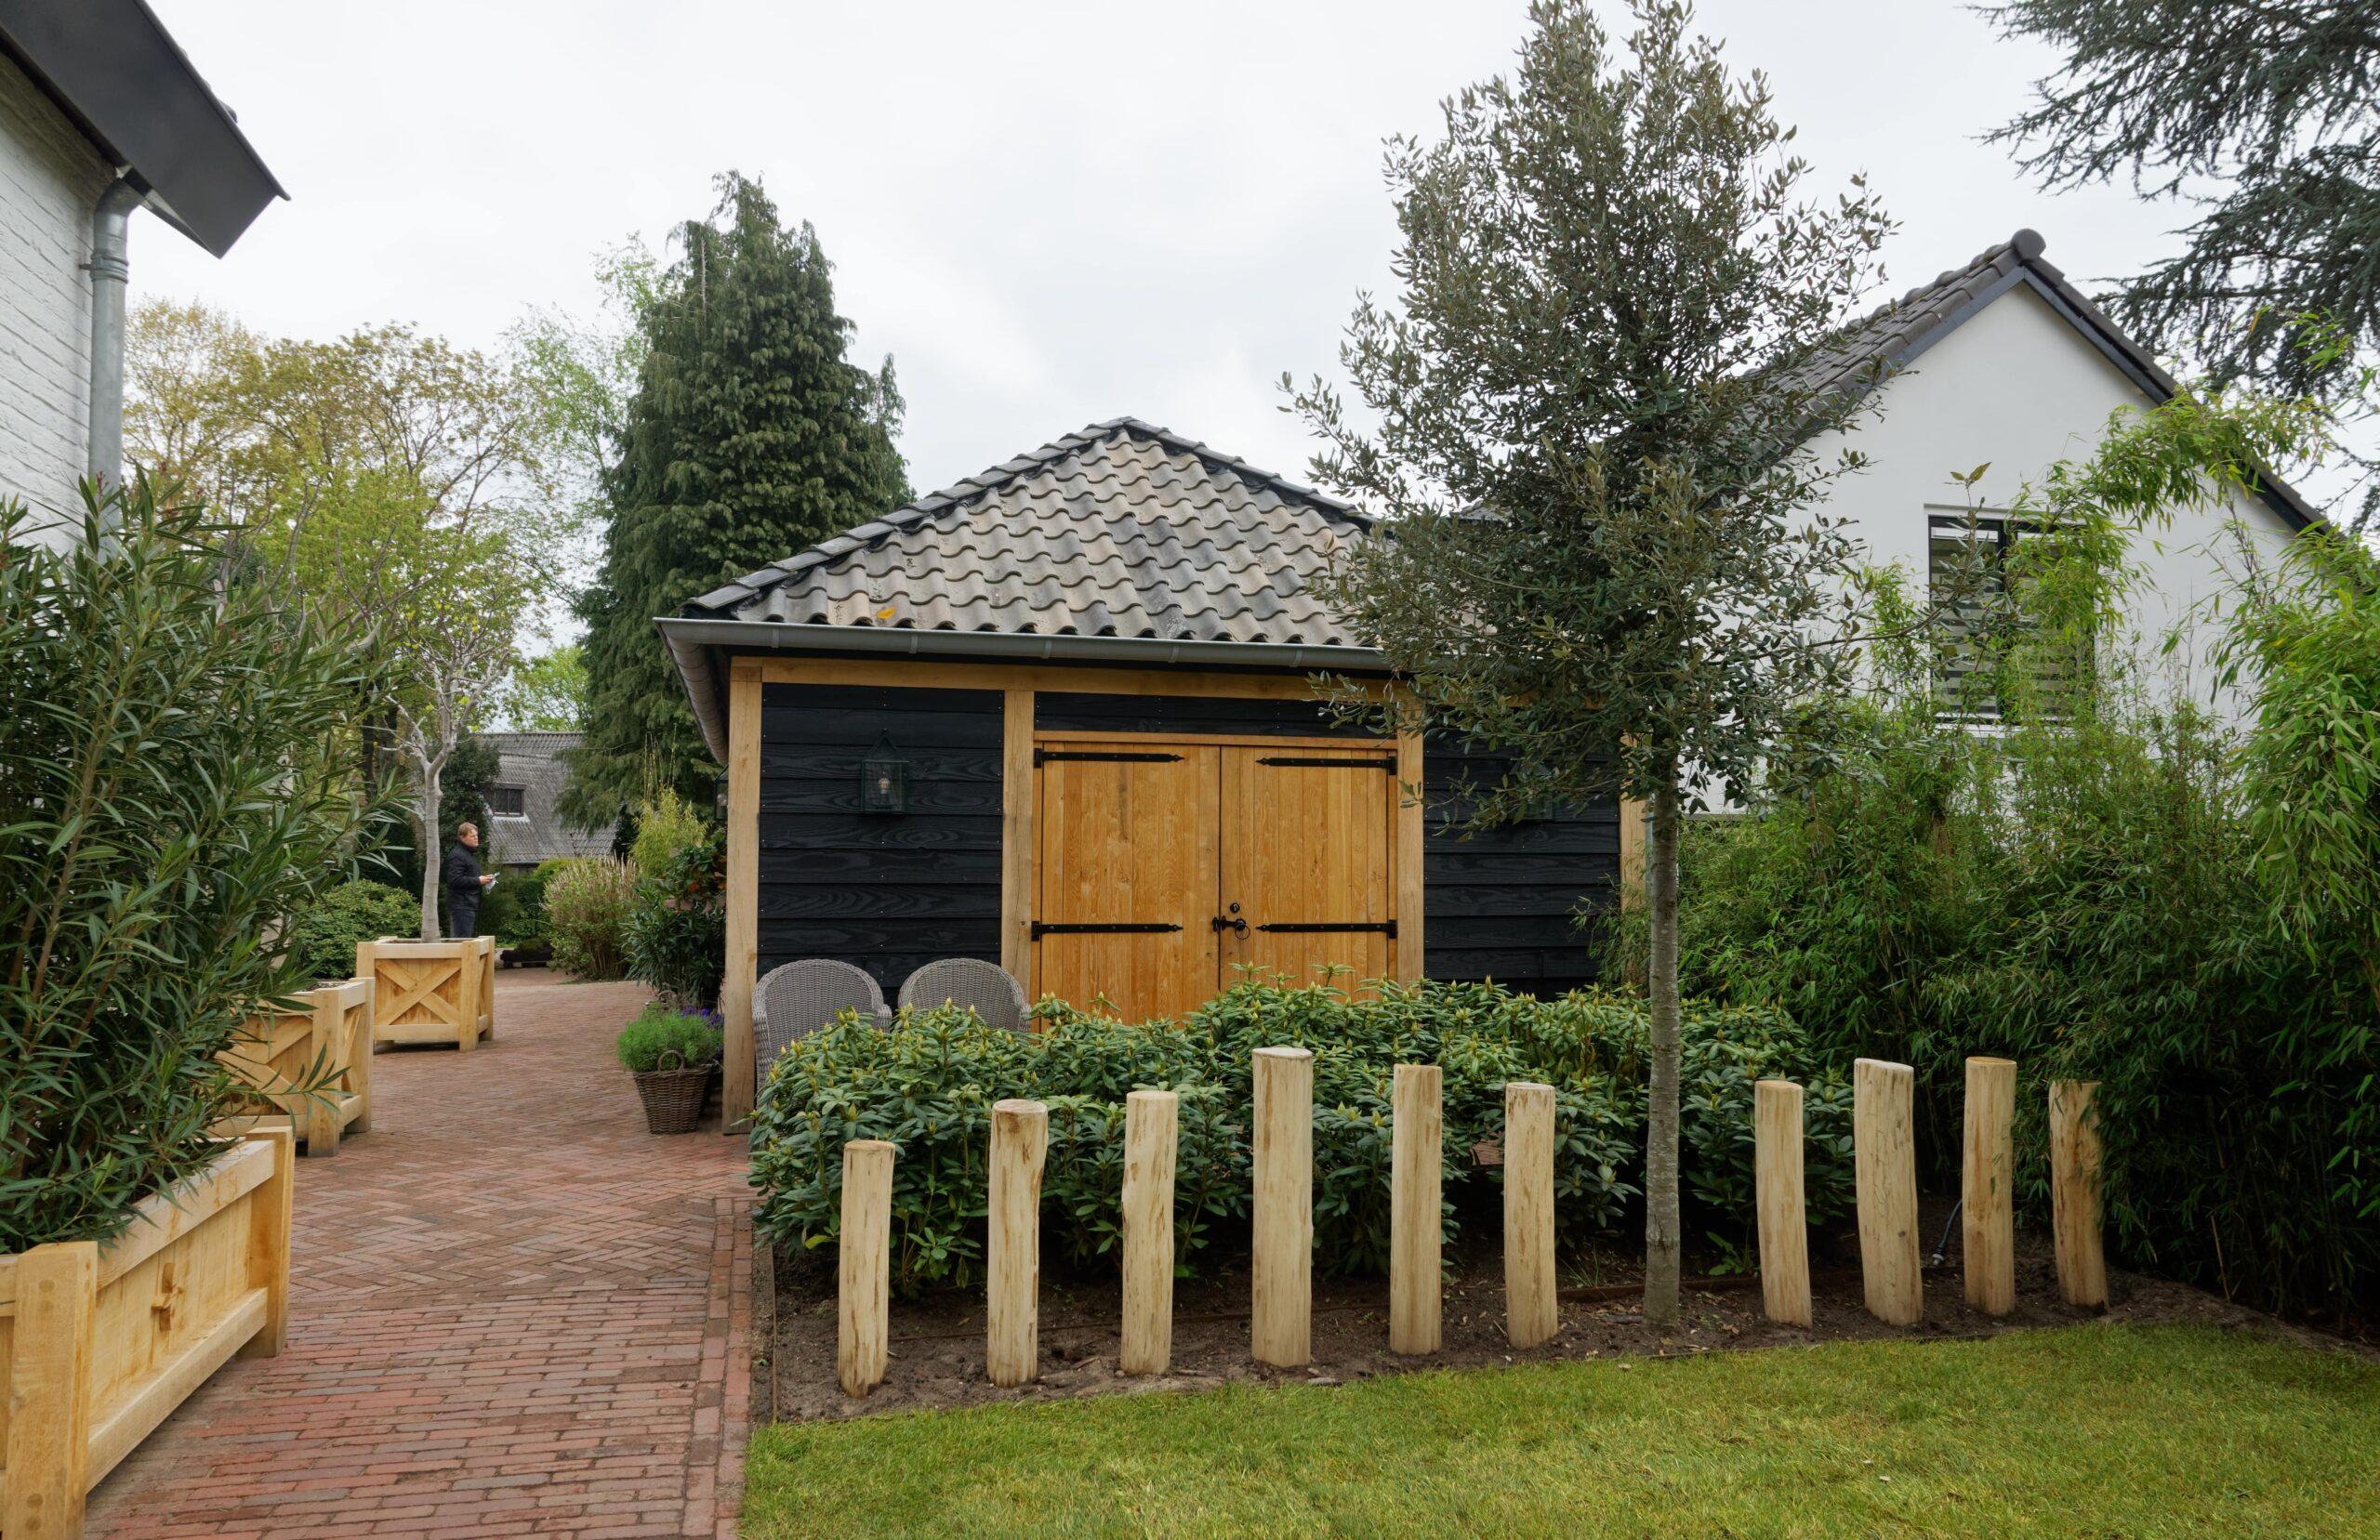 Eiken-bijgebouw-1-scaled - Project Laren: Houten schuur met sauna en tuinkamer